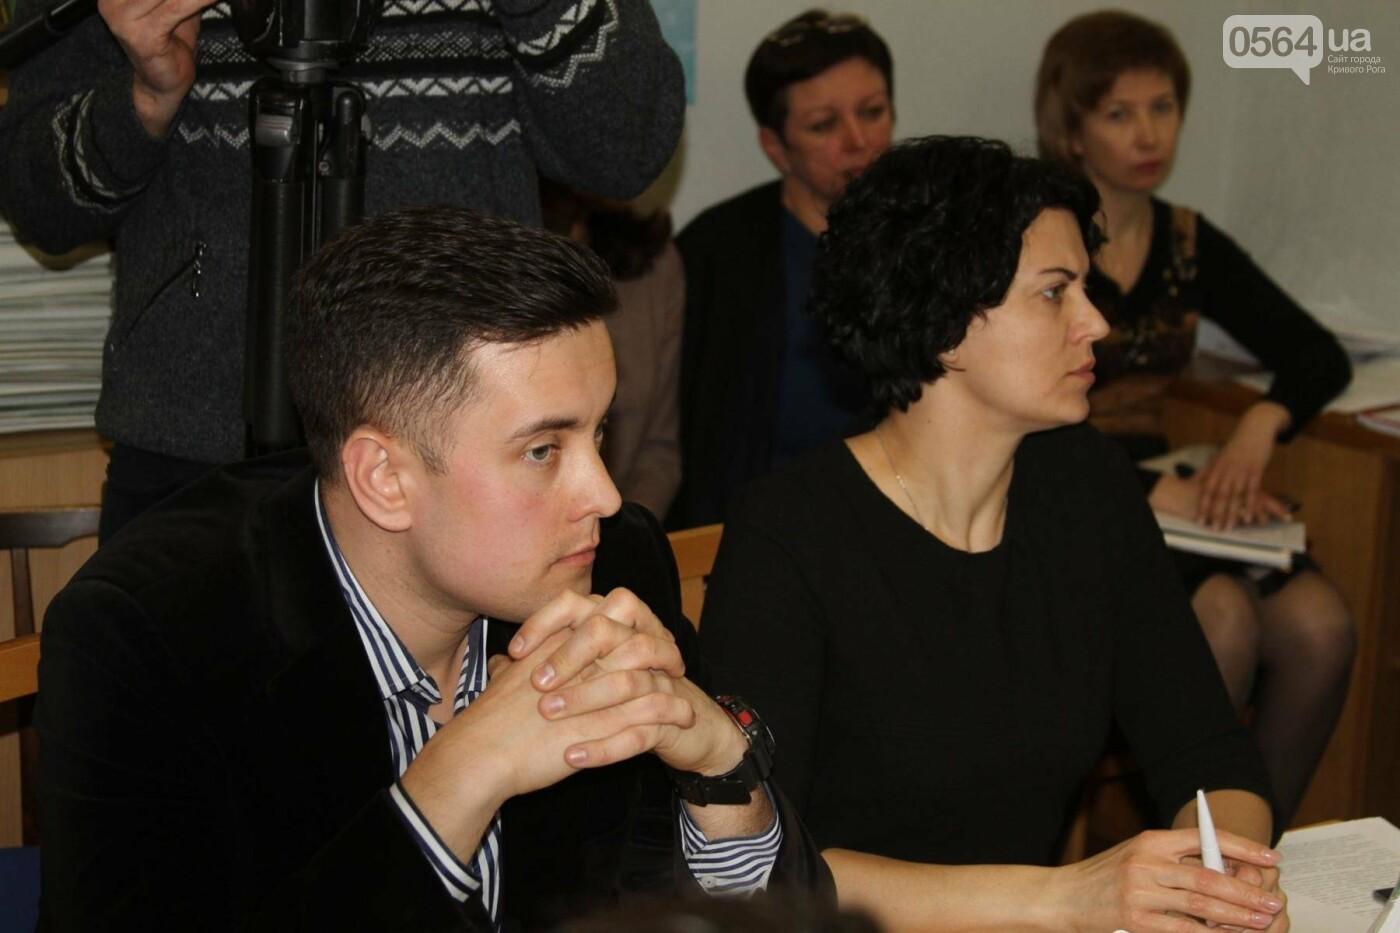 Криворожские депутаты из комиссии по этике и дисциплине со второй попытки не смогли собраться (ФОТО), фото-4